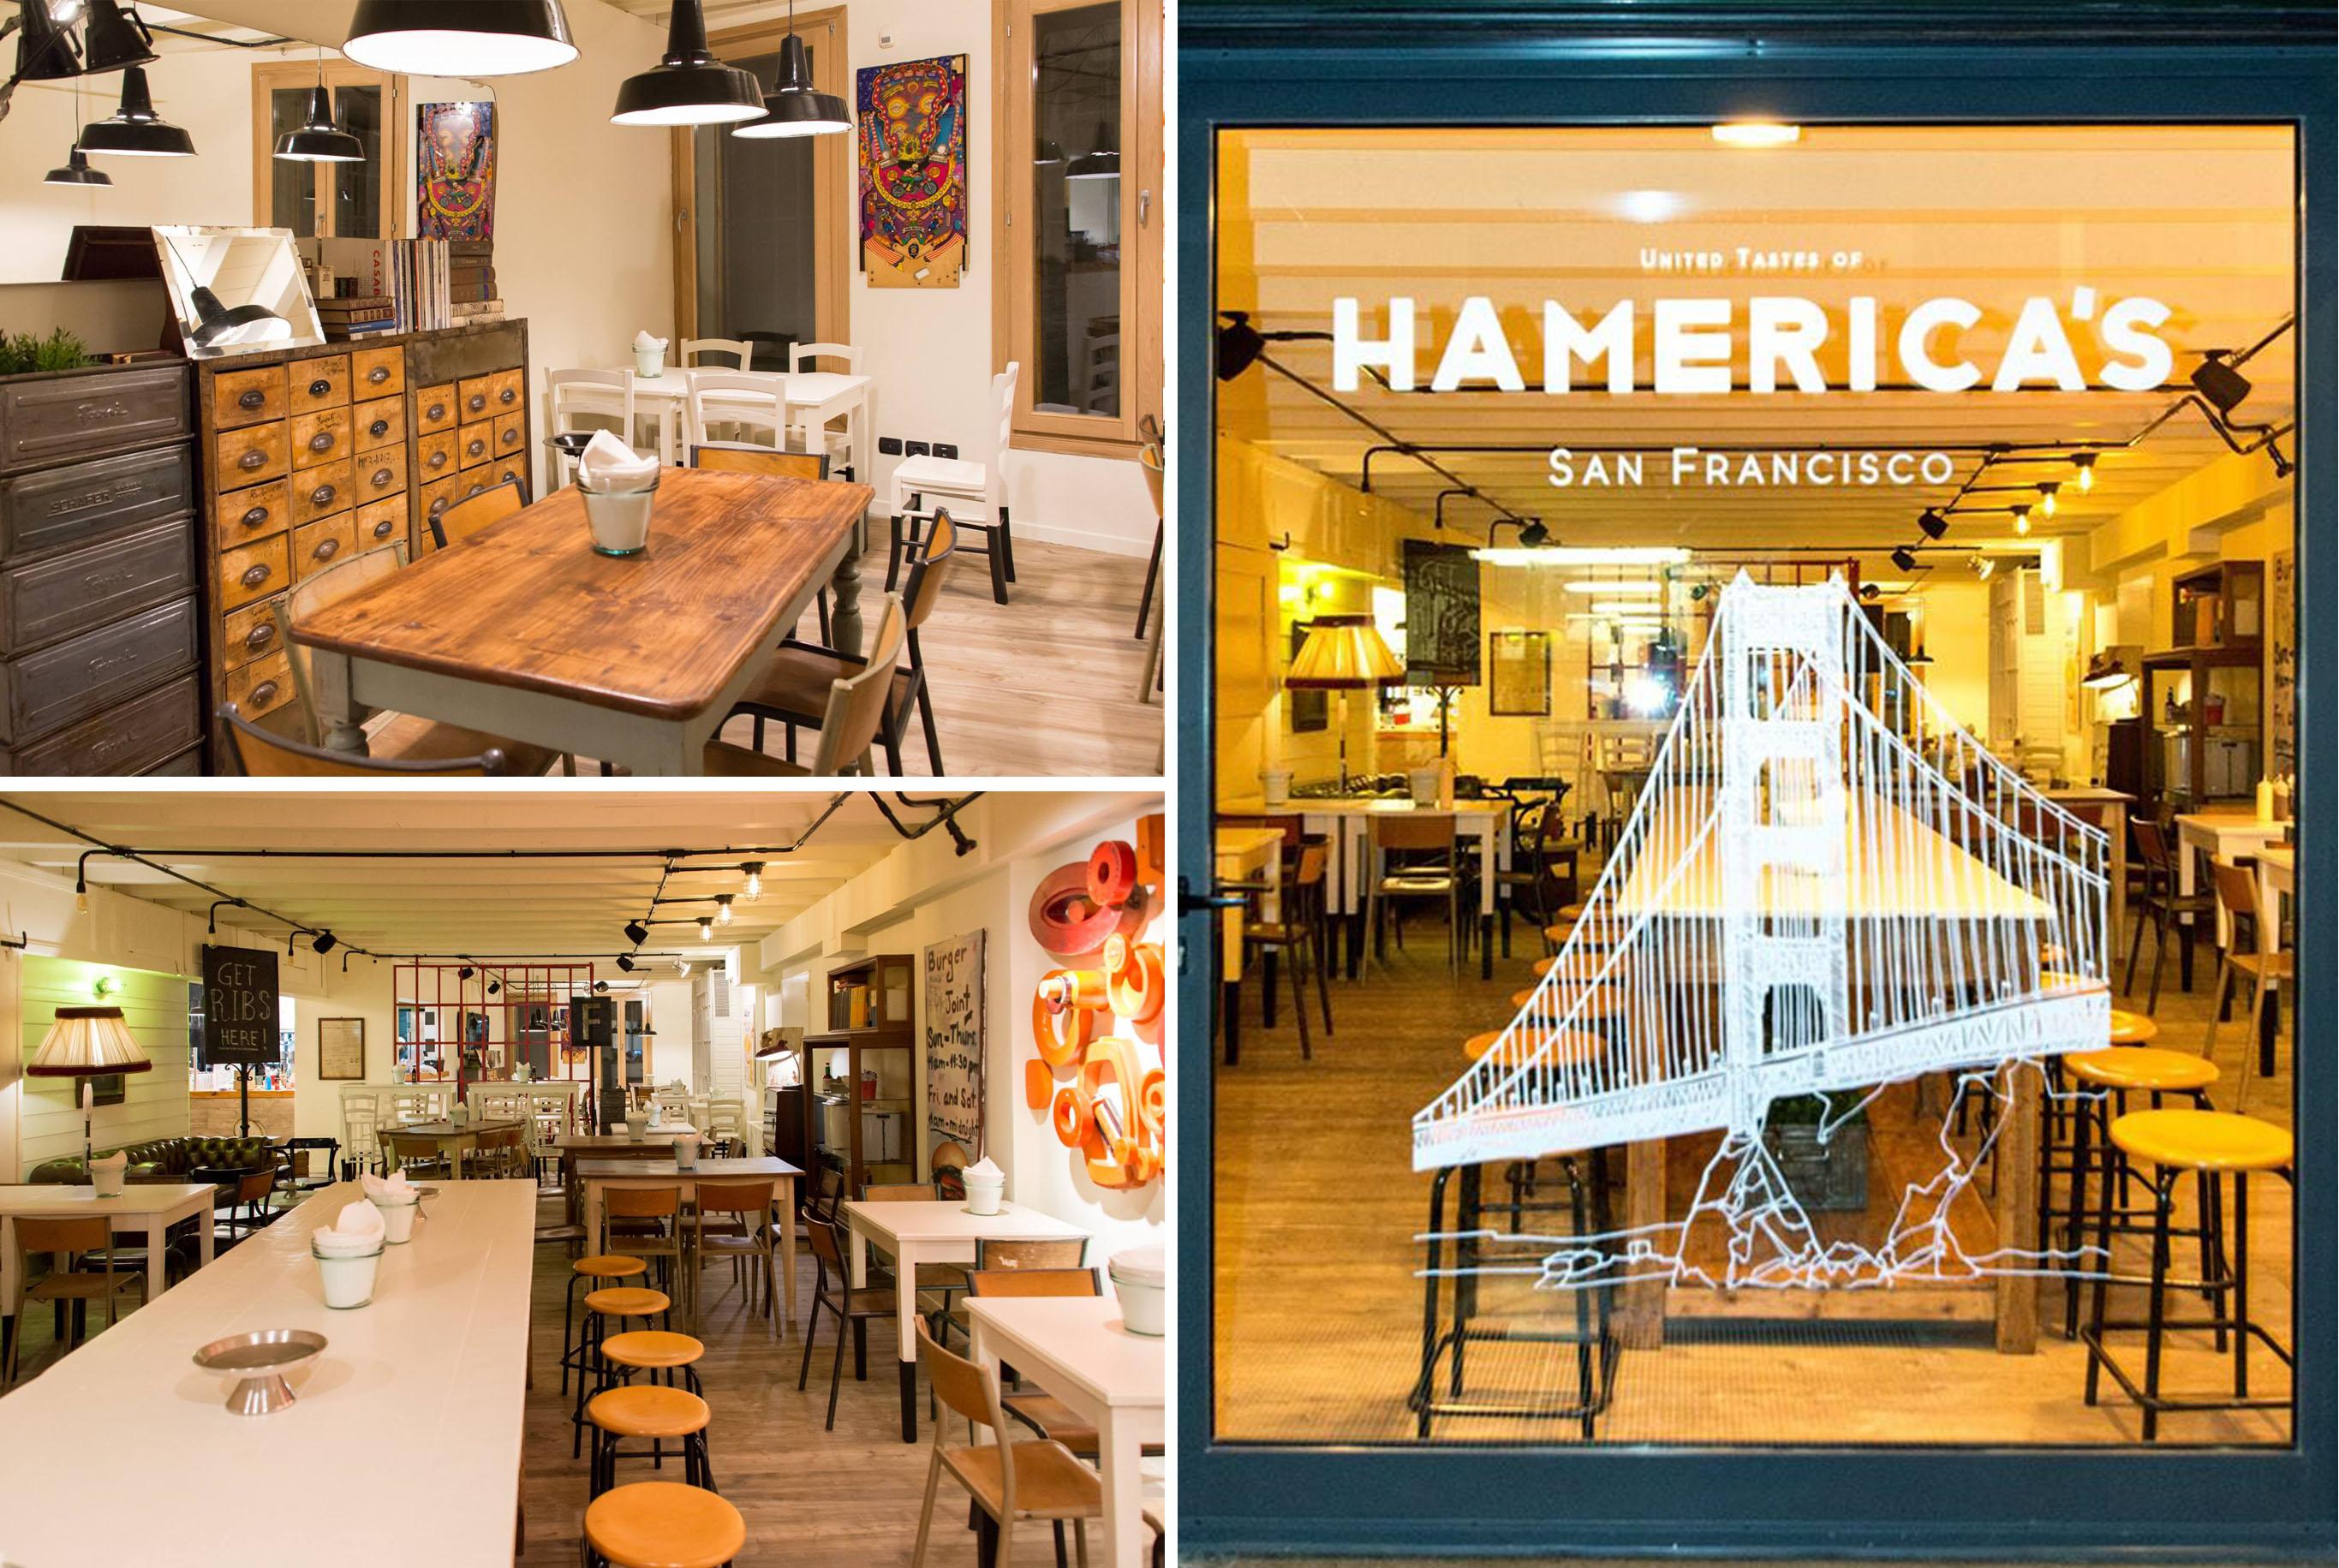 Hamerica's Interni